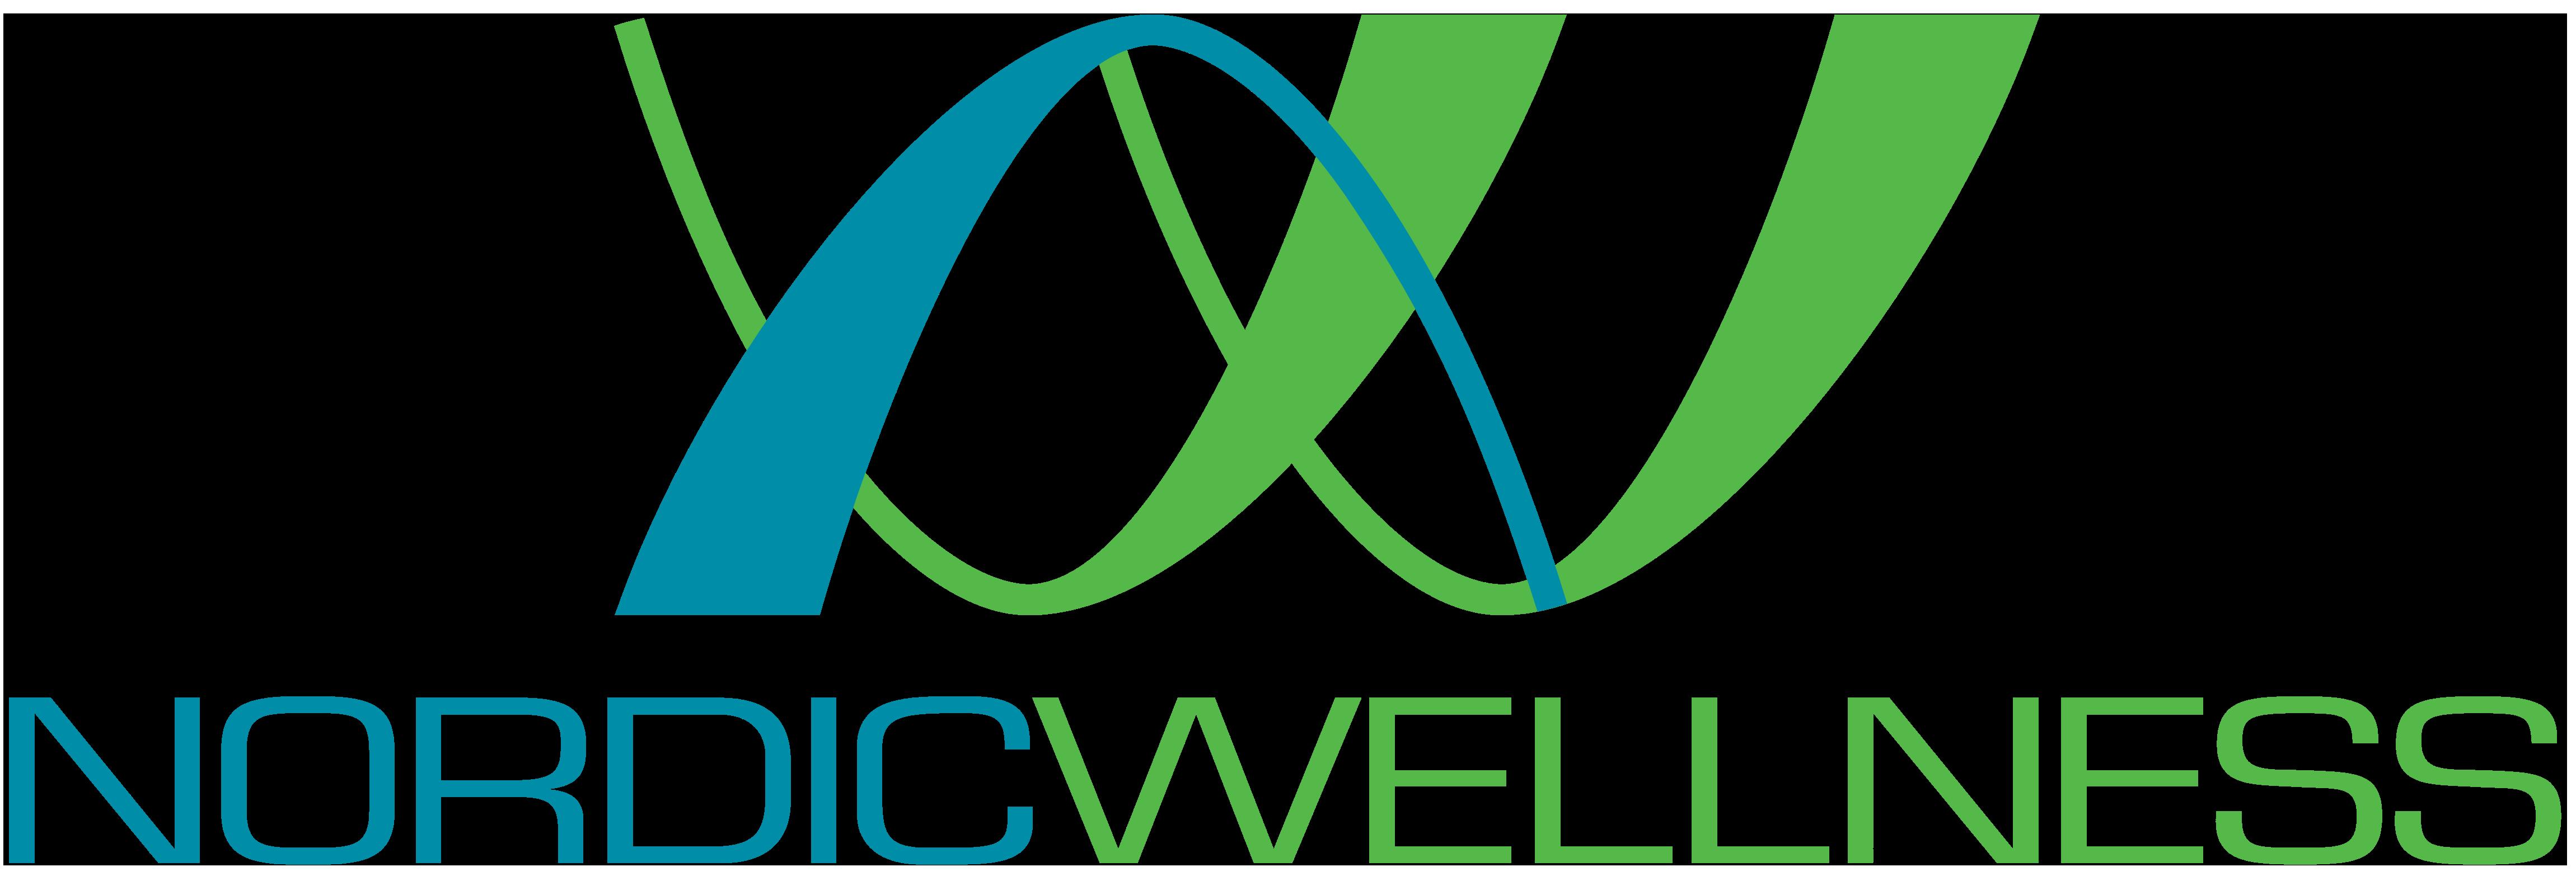 nordic wellness logos download rh logos download com wellness logos designs wellness logos designs